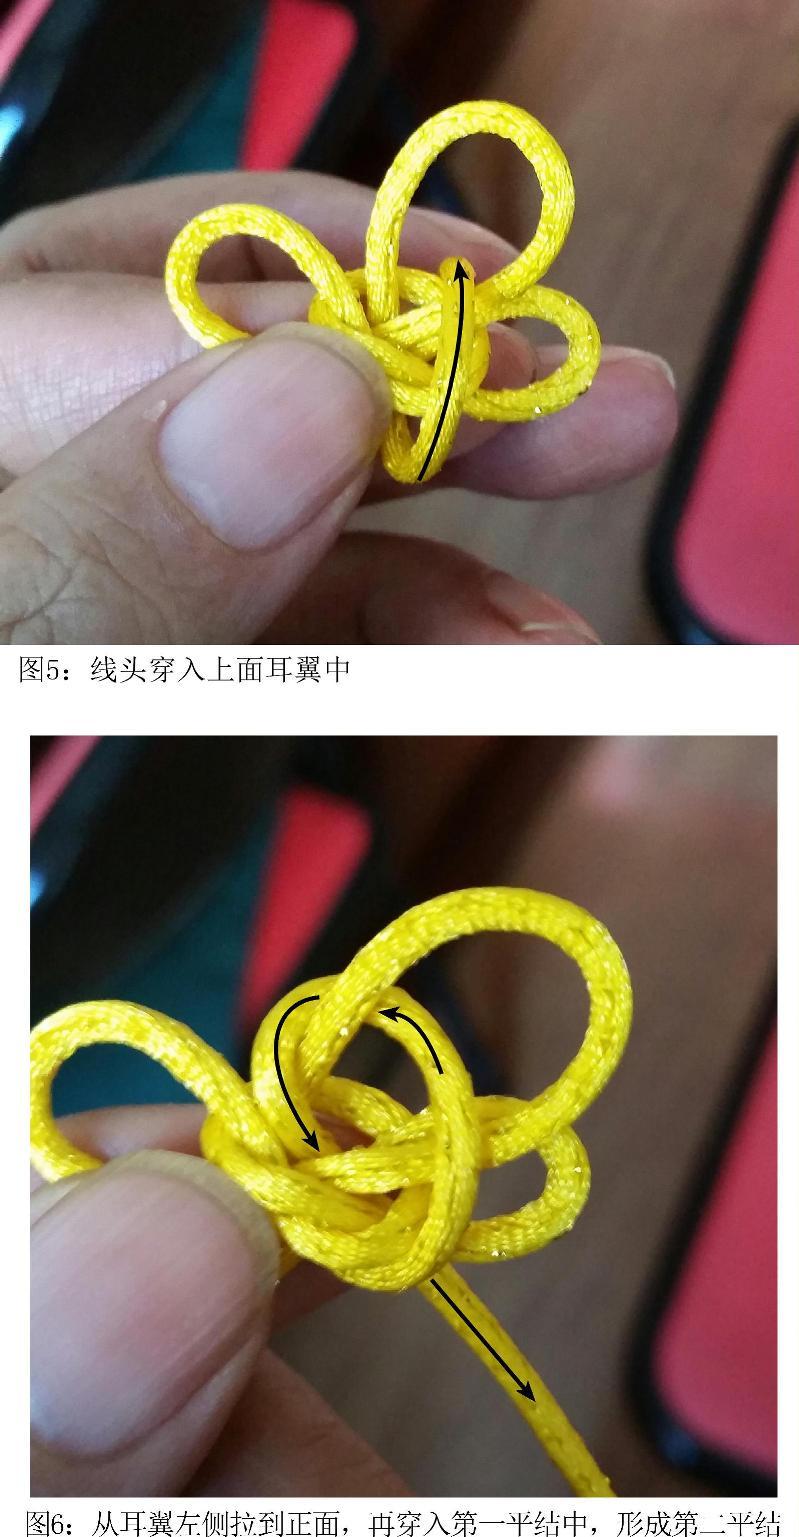 中国结论坛 双联结变化  基本结-新手入门必看 152536gqqjj1kj5ib5nijo